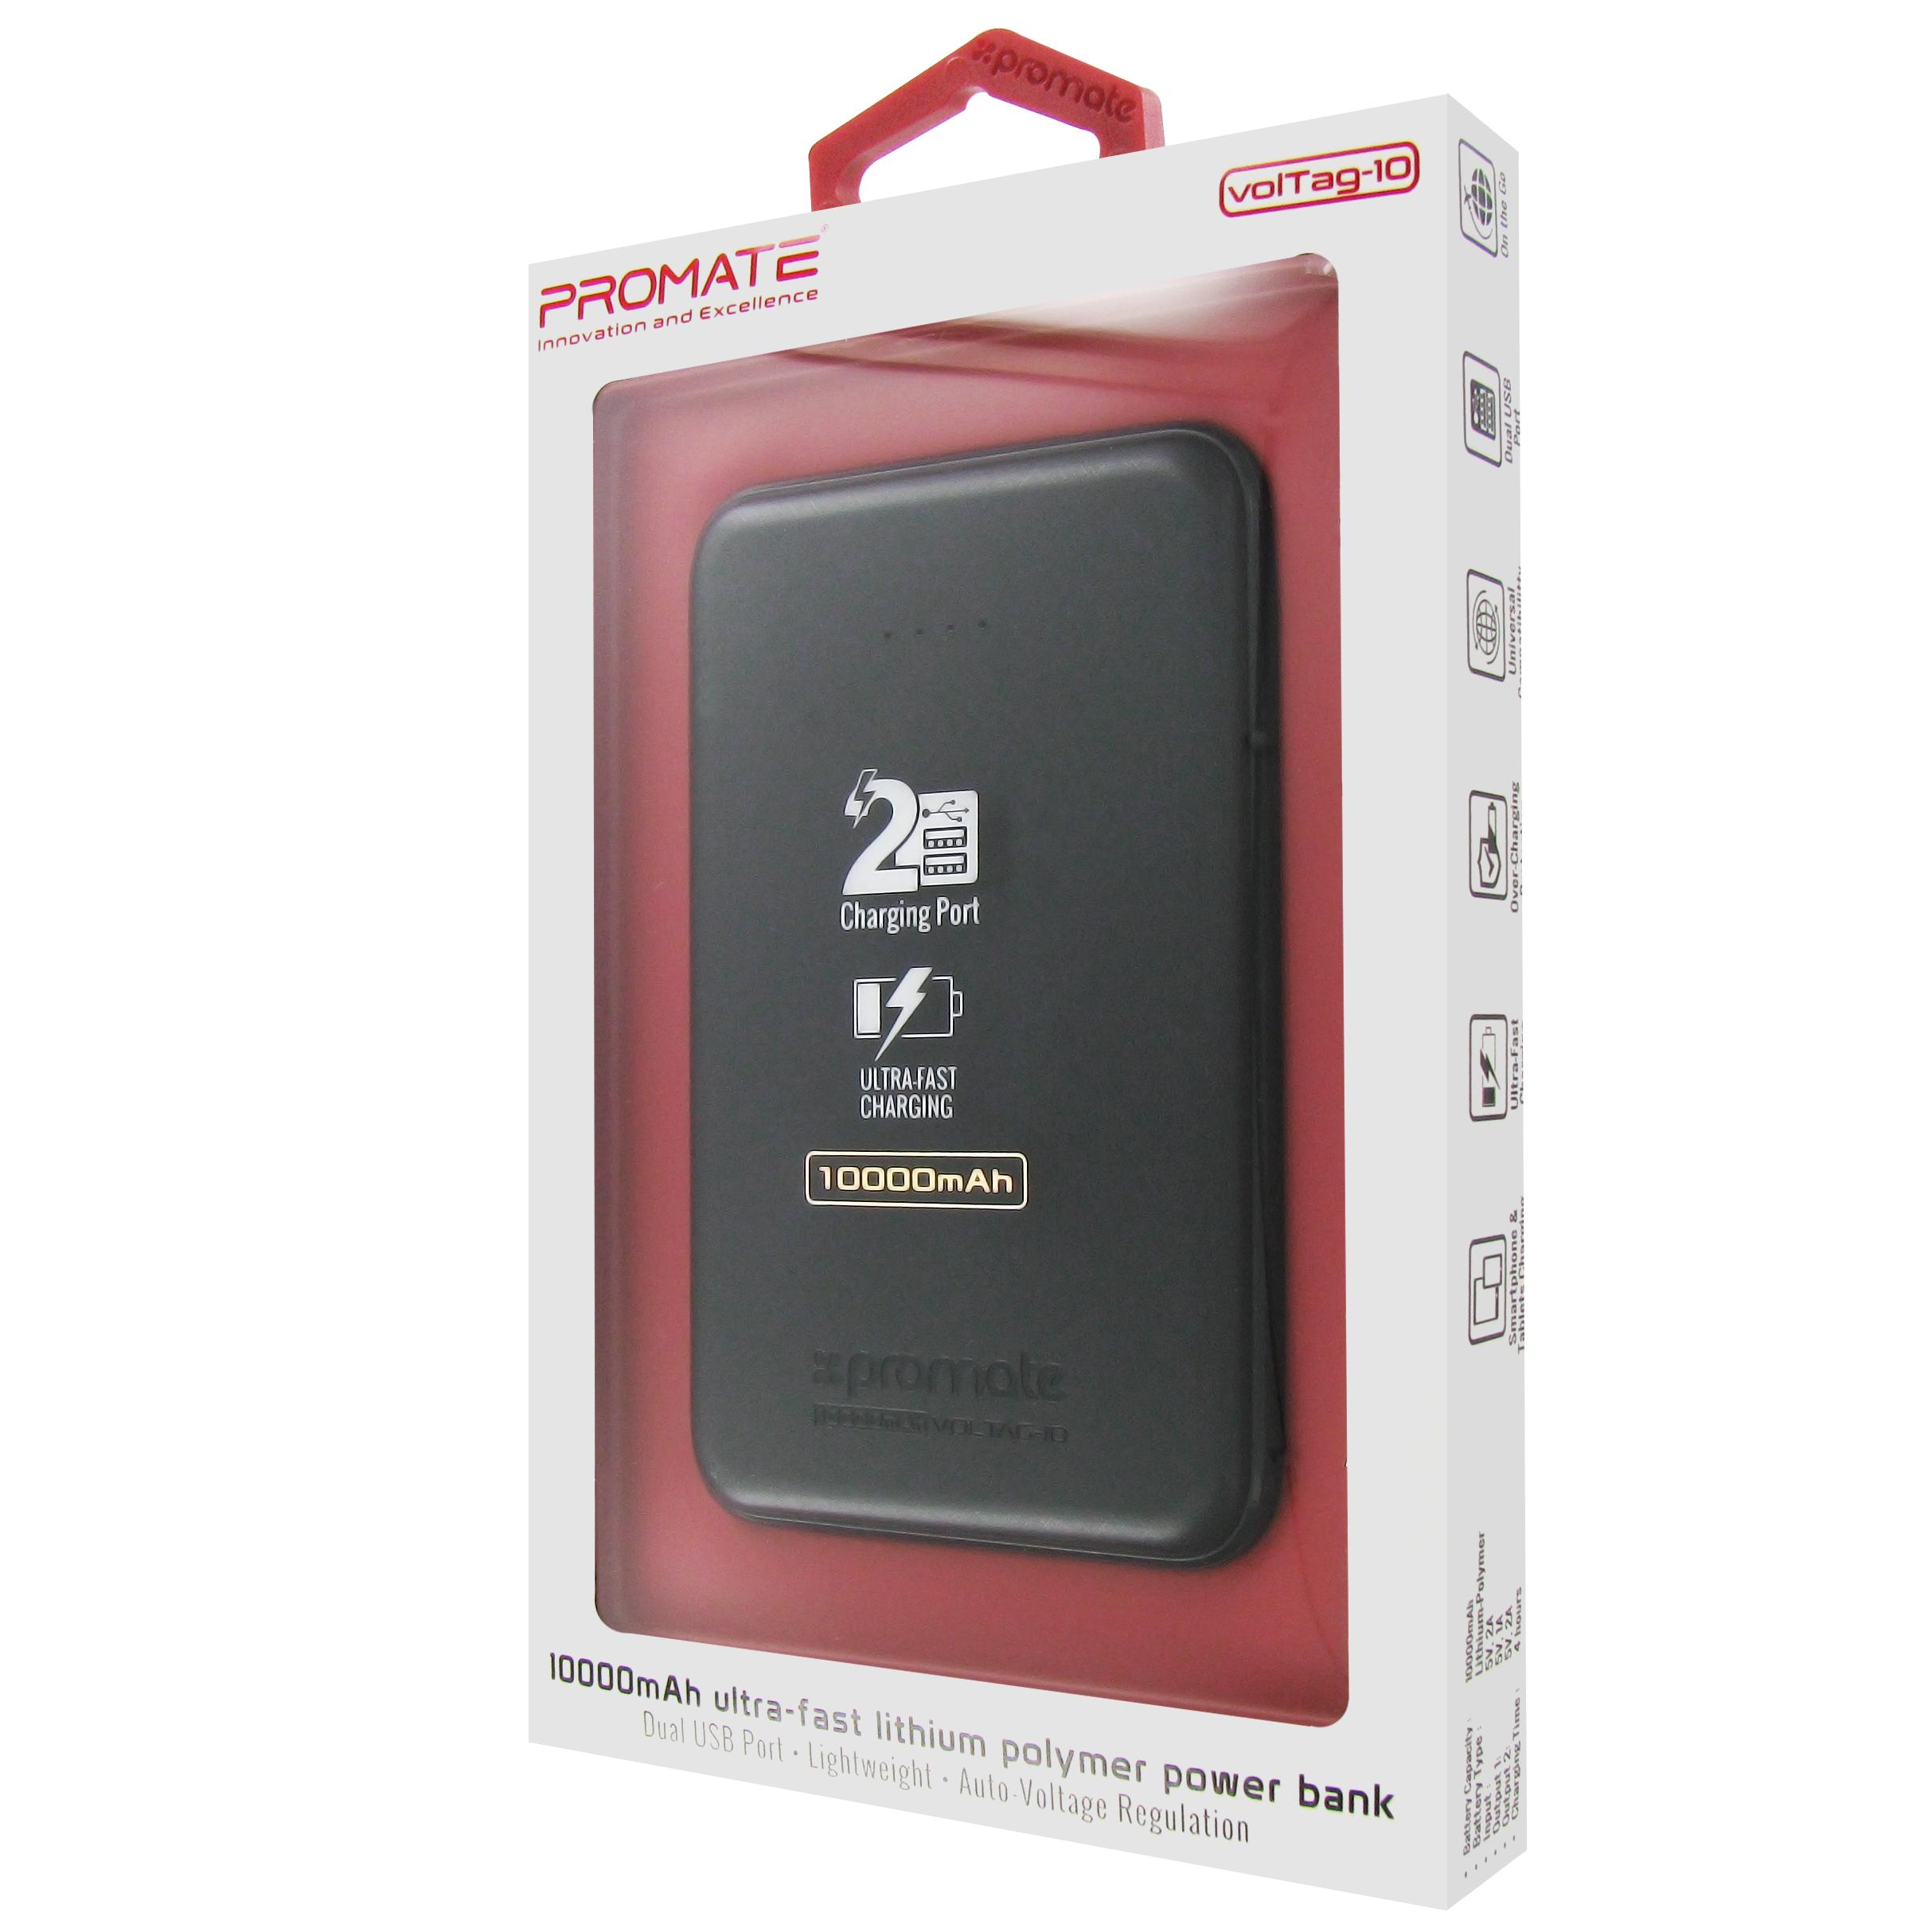 Внешний аккумулятор Promate VolTag-10 Black, черный 2600mah power bank usb блок батарей 2 0 порты usb литий полимерный аккумулятор внешний аккумулятор для смартфонов светло зеленый